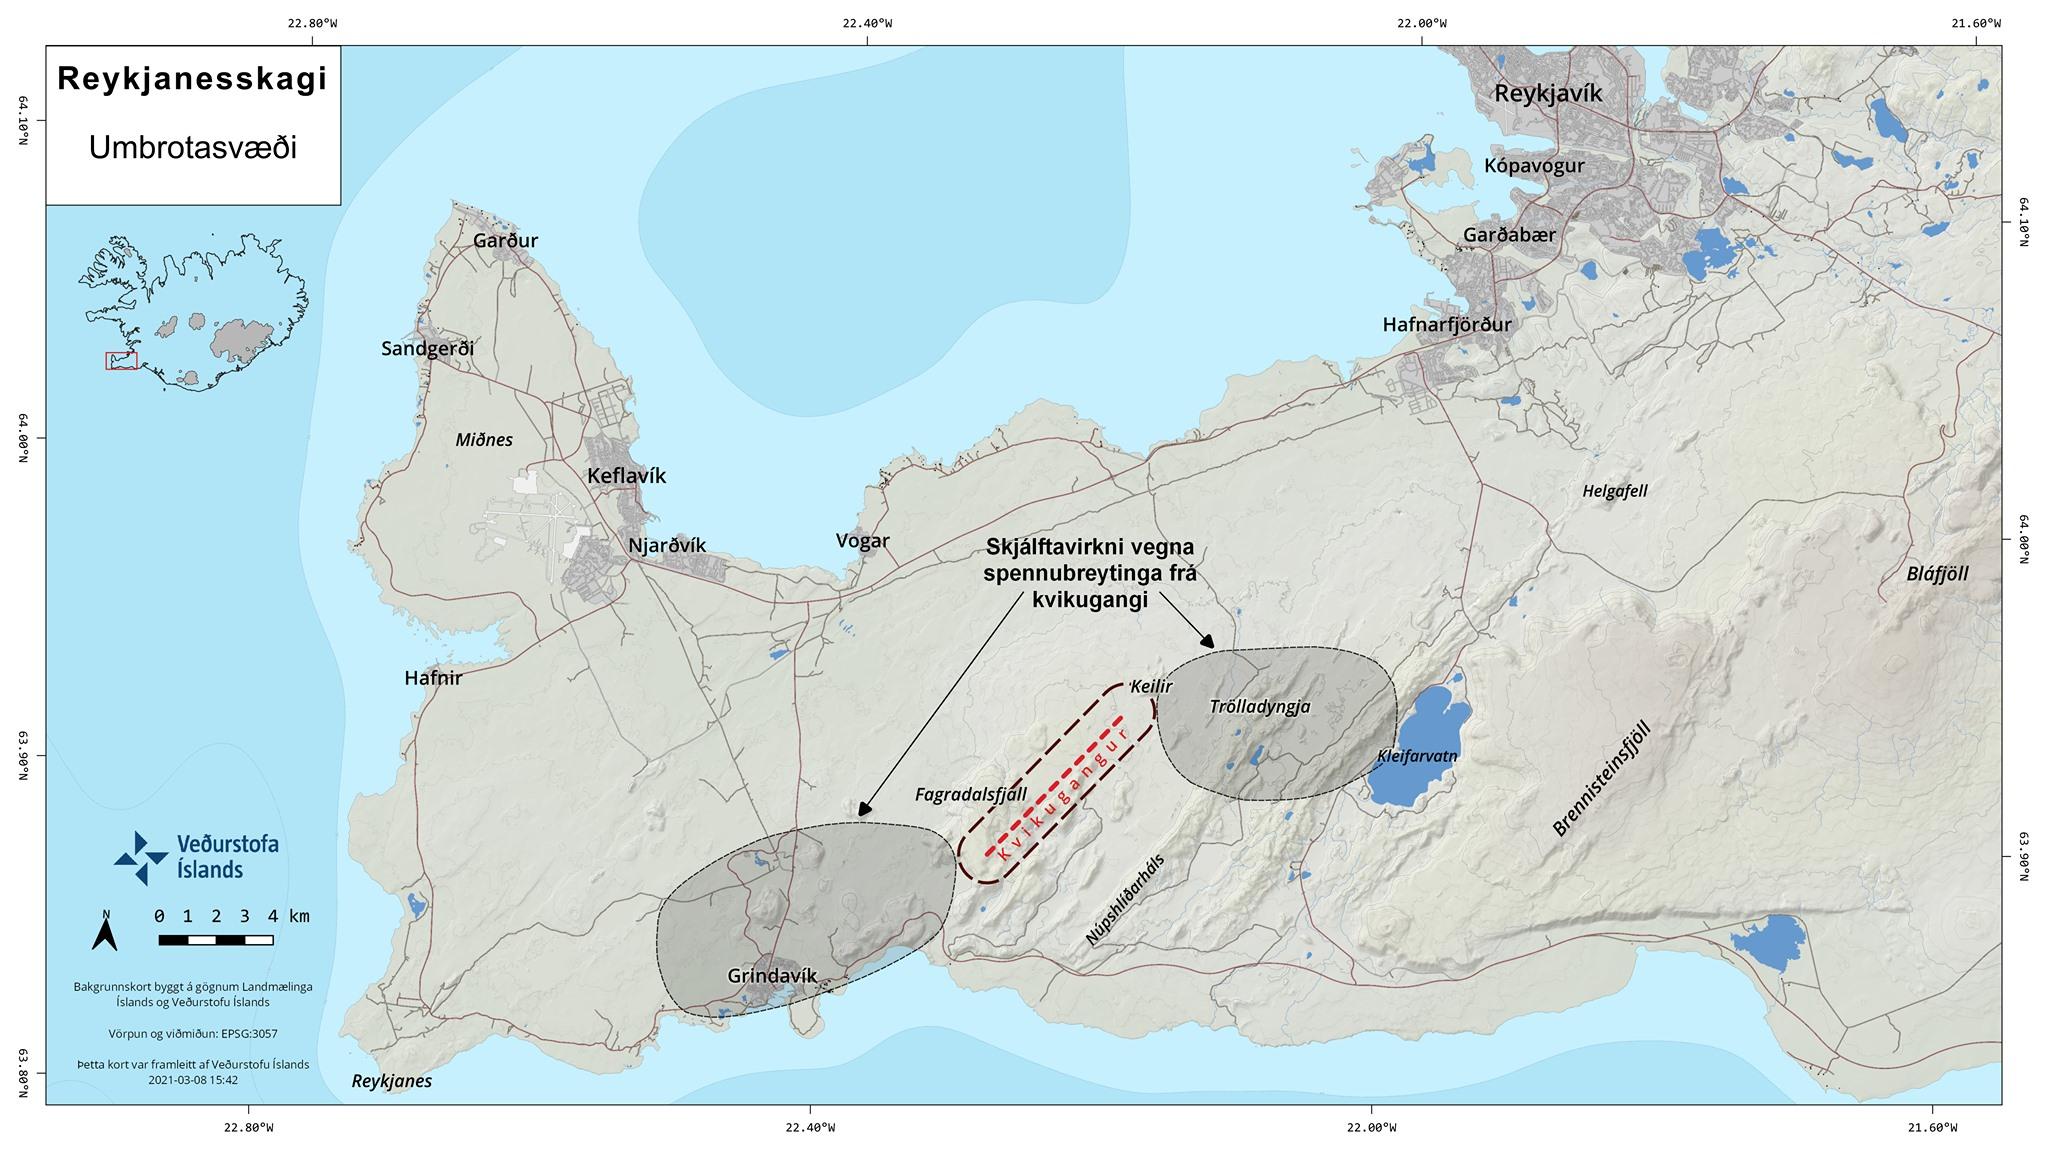 Reykjanes: Position der Magmaintrusion (gepunktete rote Linie) und mögliche zukünftige Bebengebiete (graue Flecken)